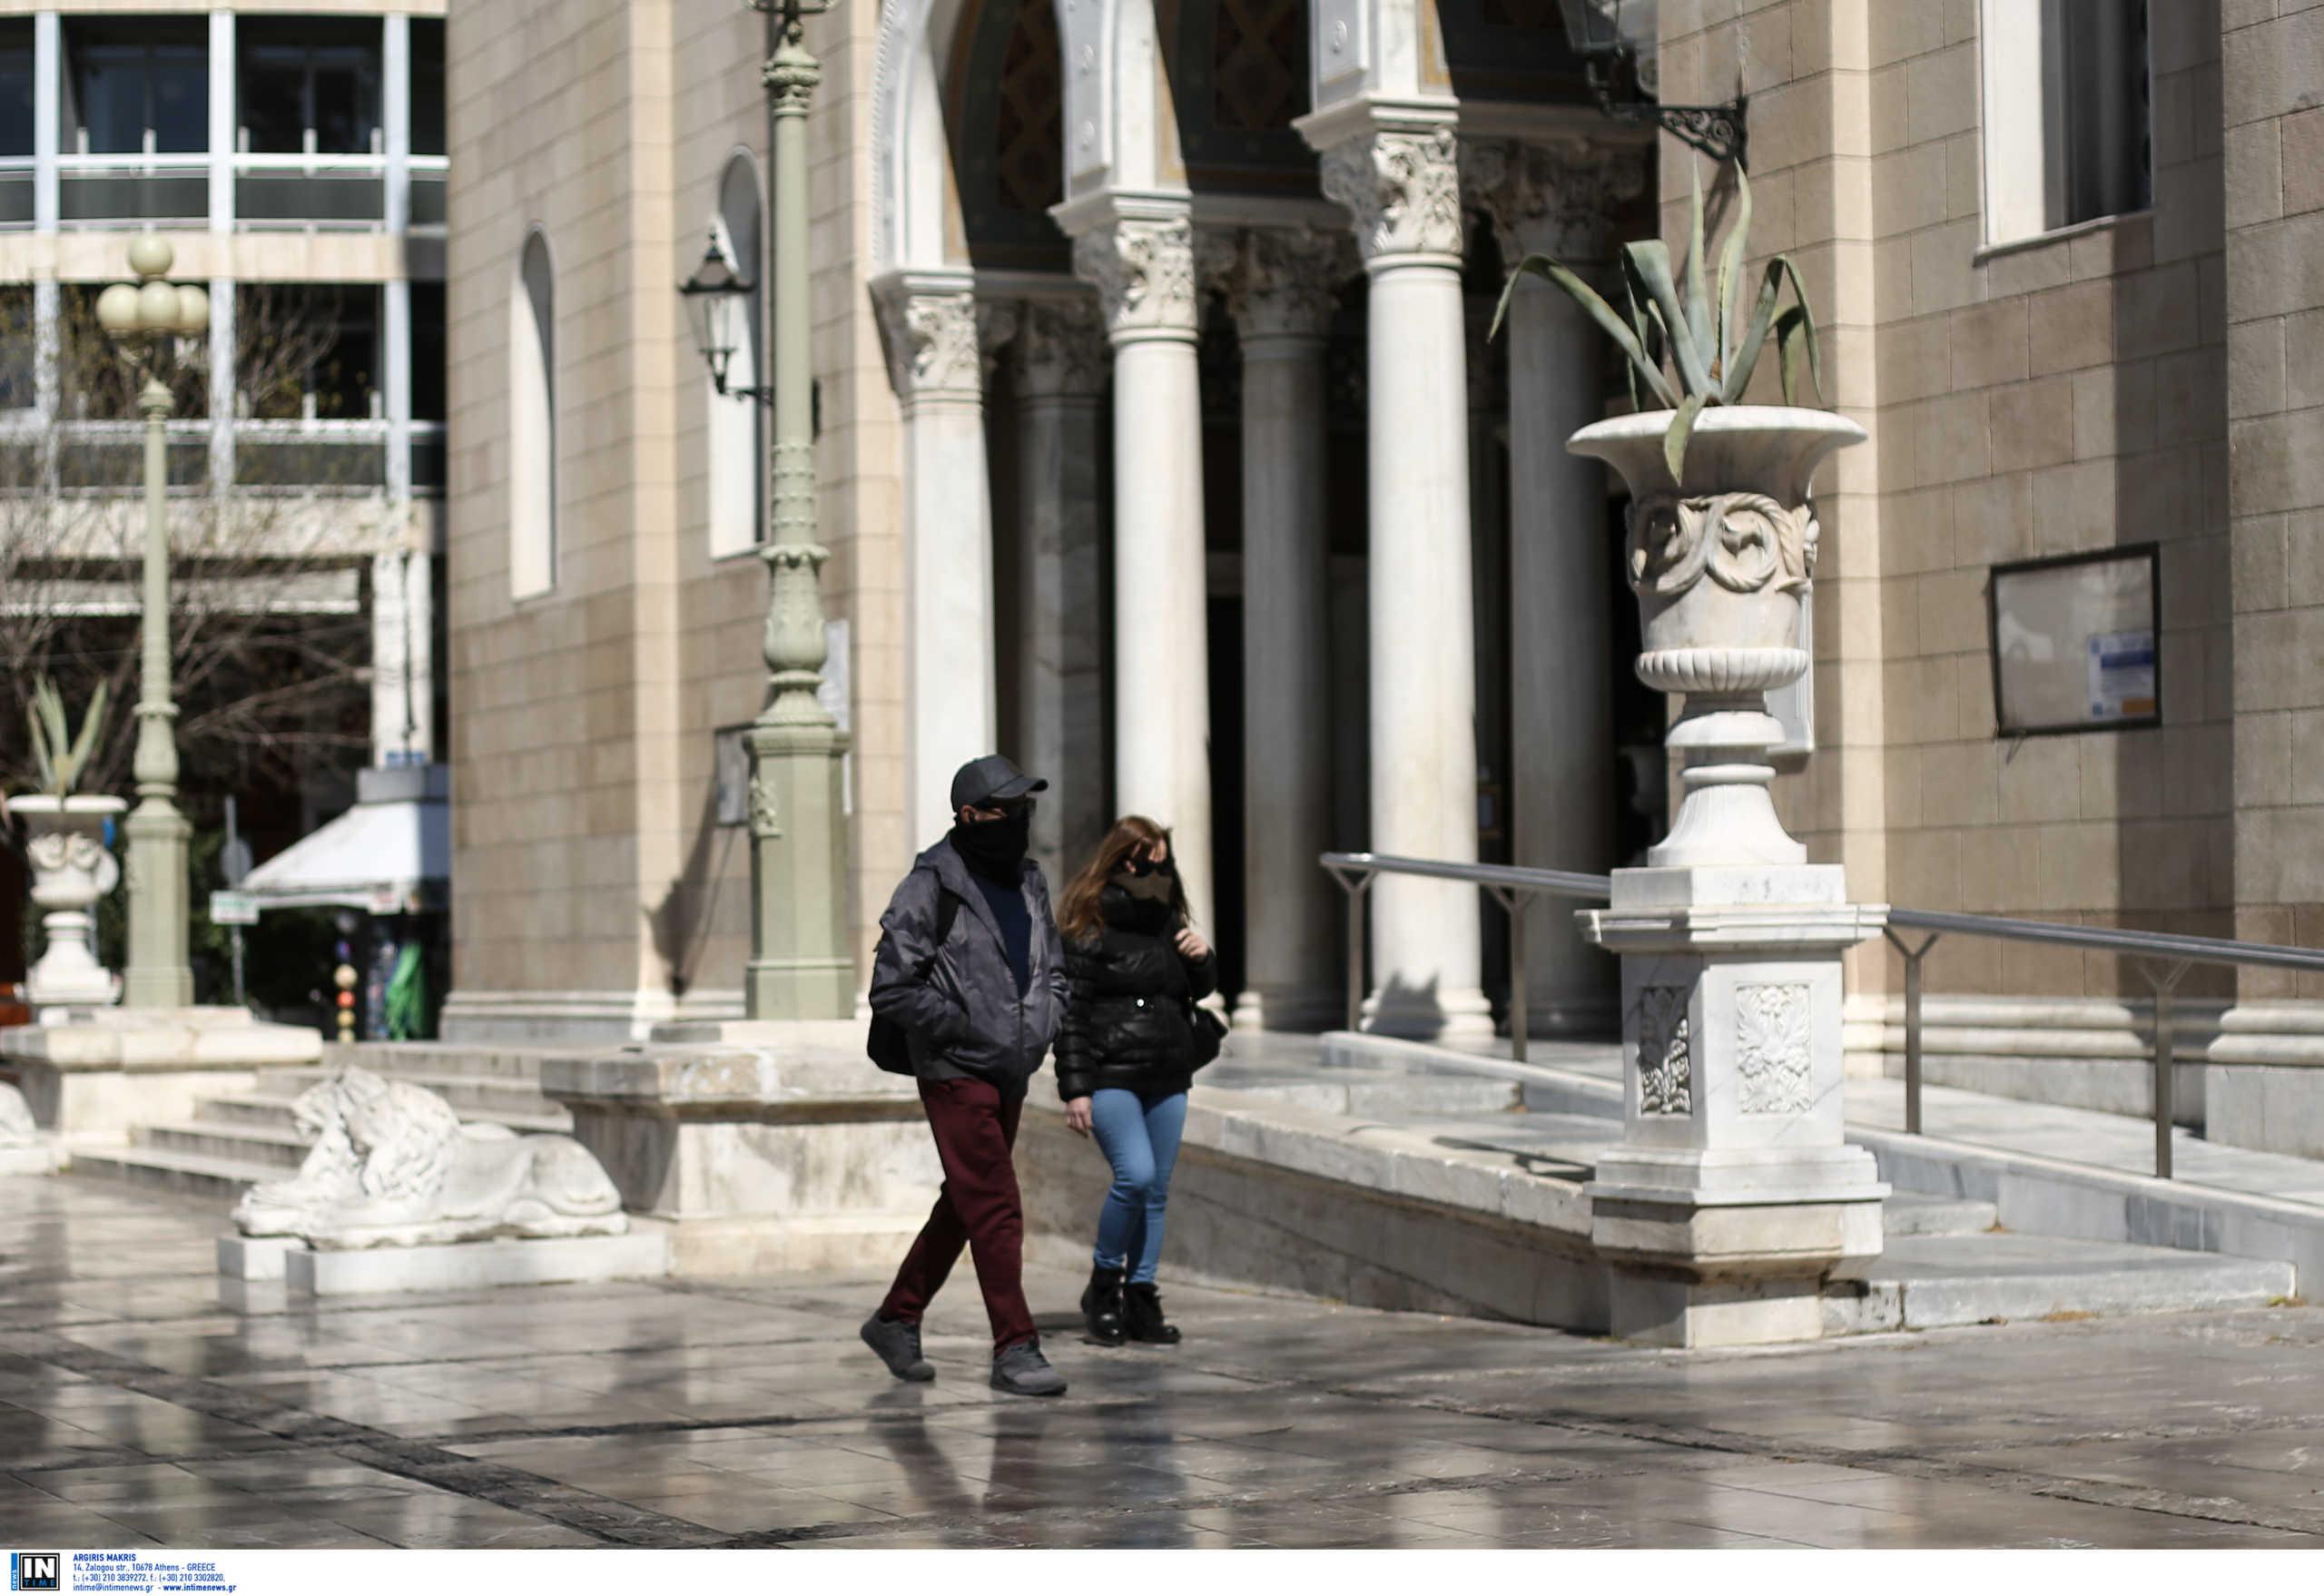 Τράπεζες: Αναστολή δόσεων δανείων για 3 μήνες για όσα φυσικά πρόσωπα πλήττονται από την κρίση